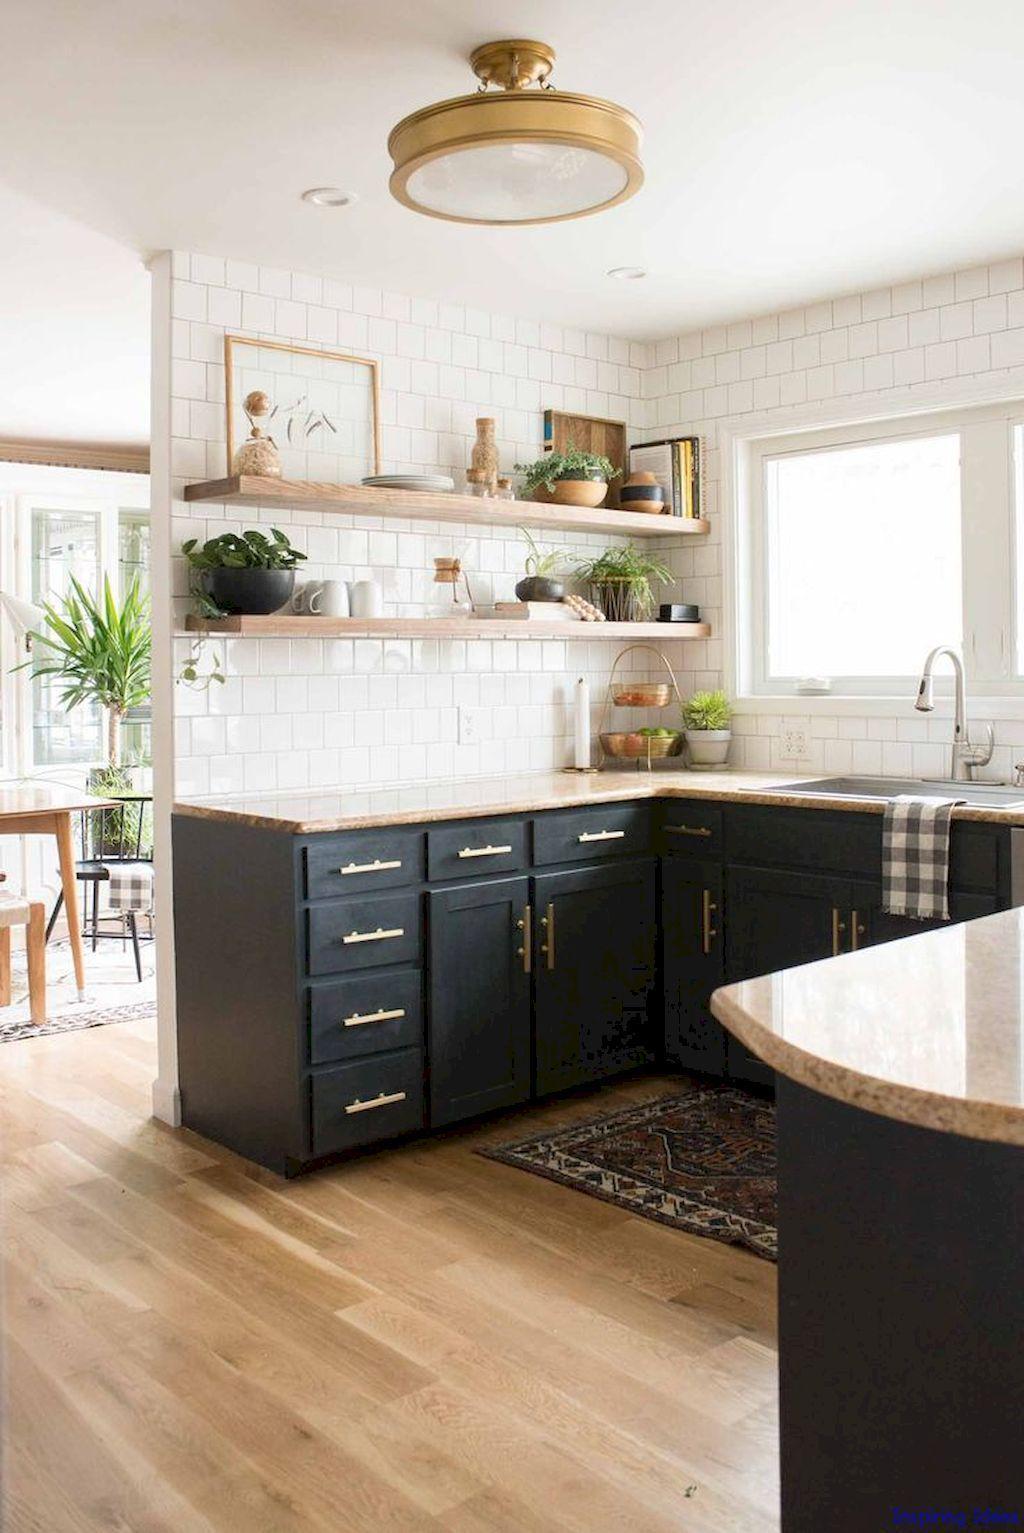 Nice 60 Luxurious Black And White Kitchen Design Ideas